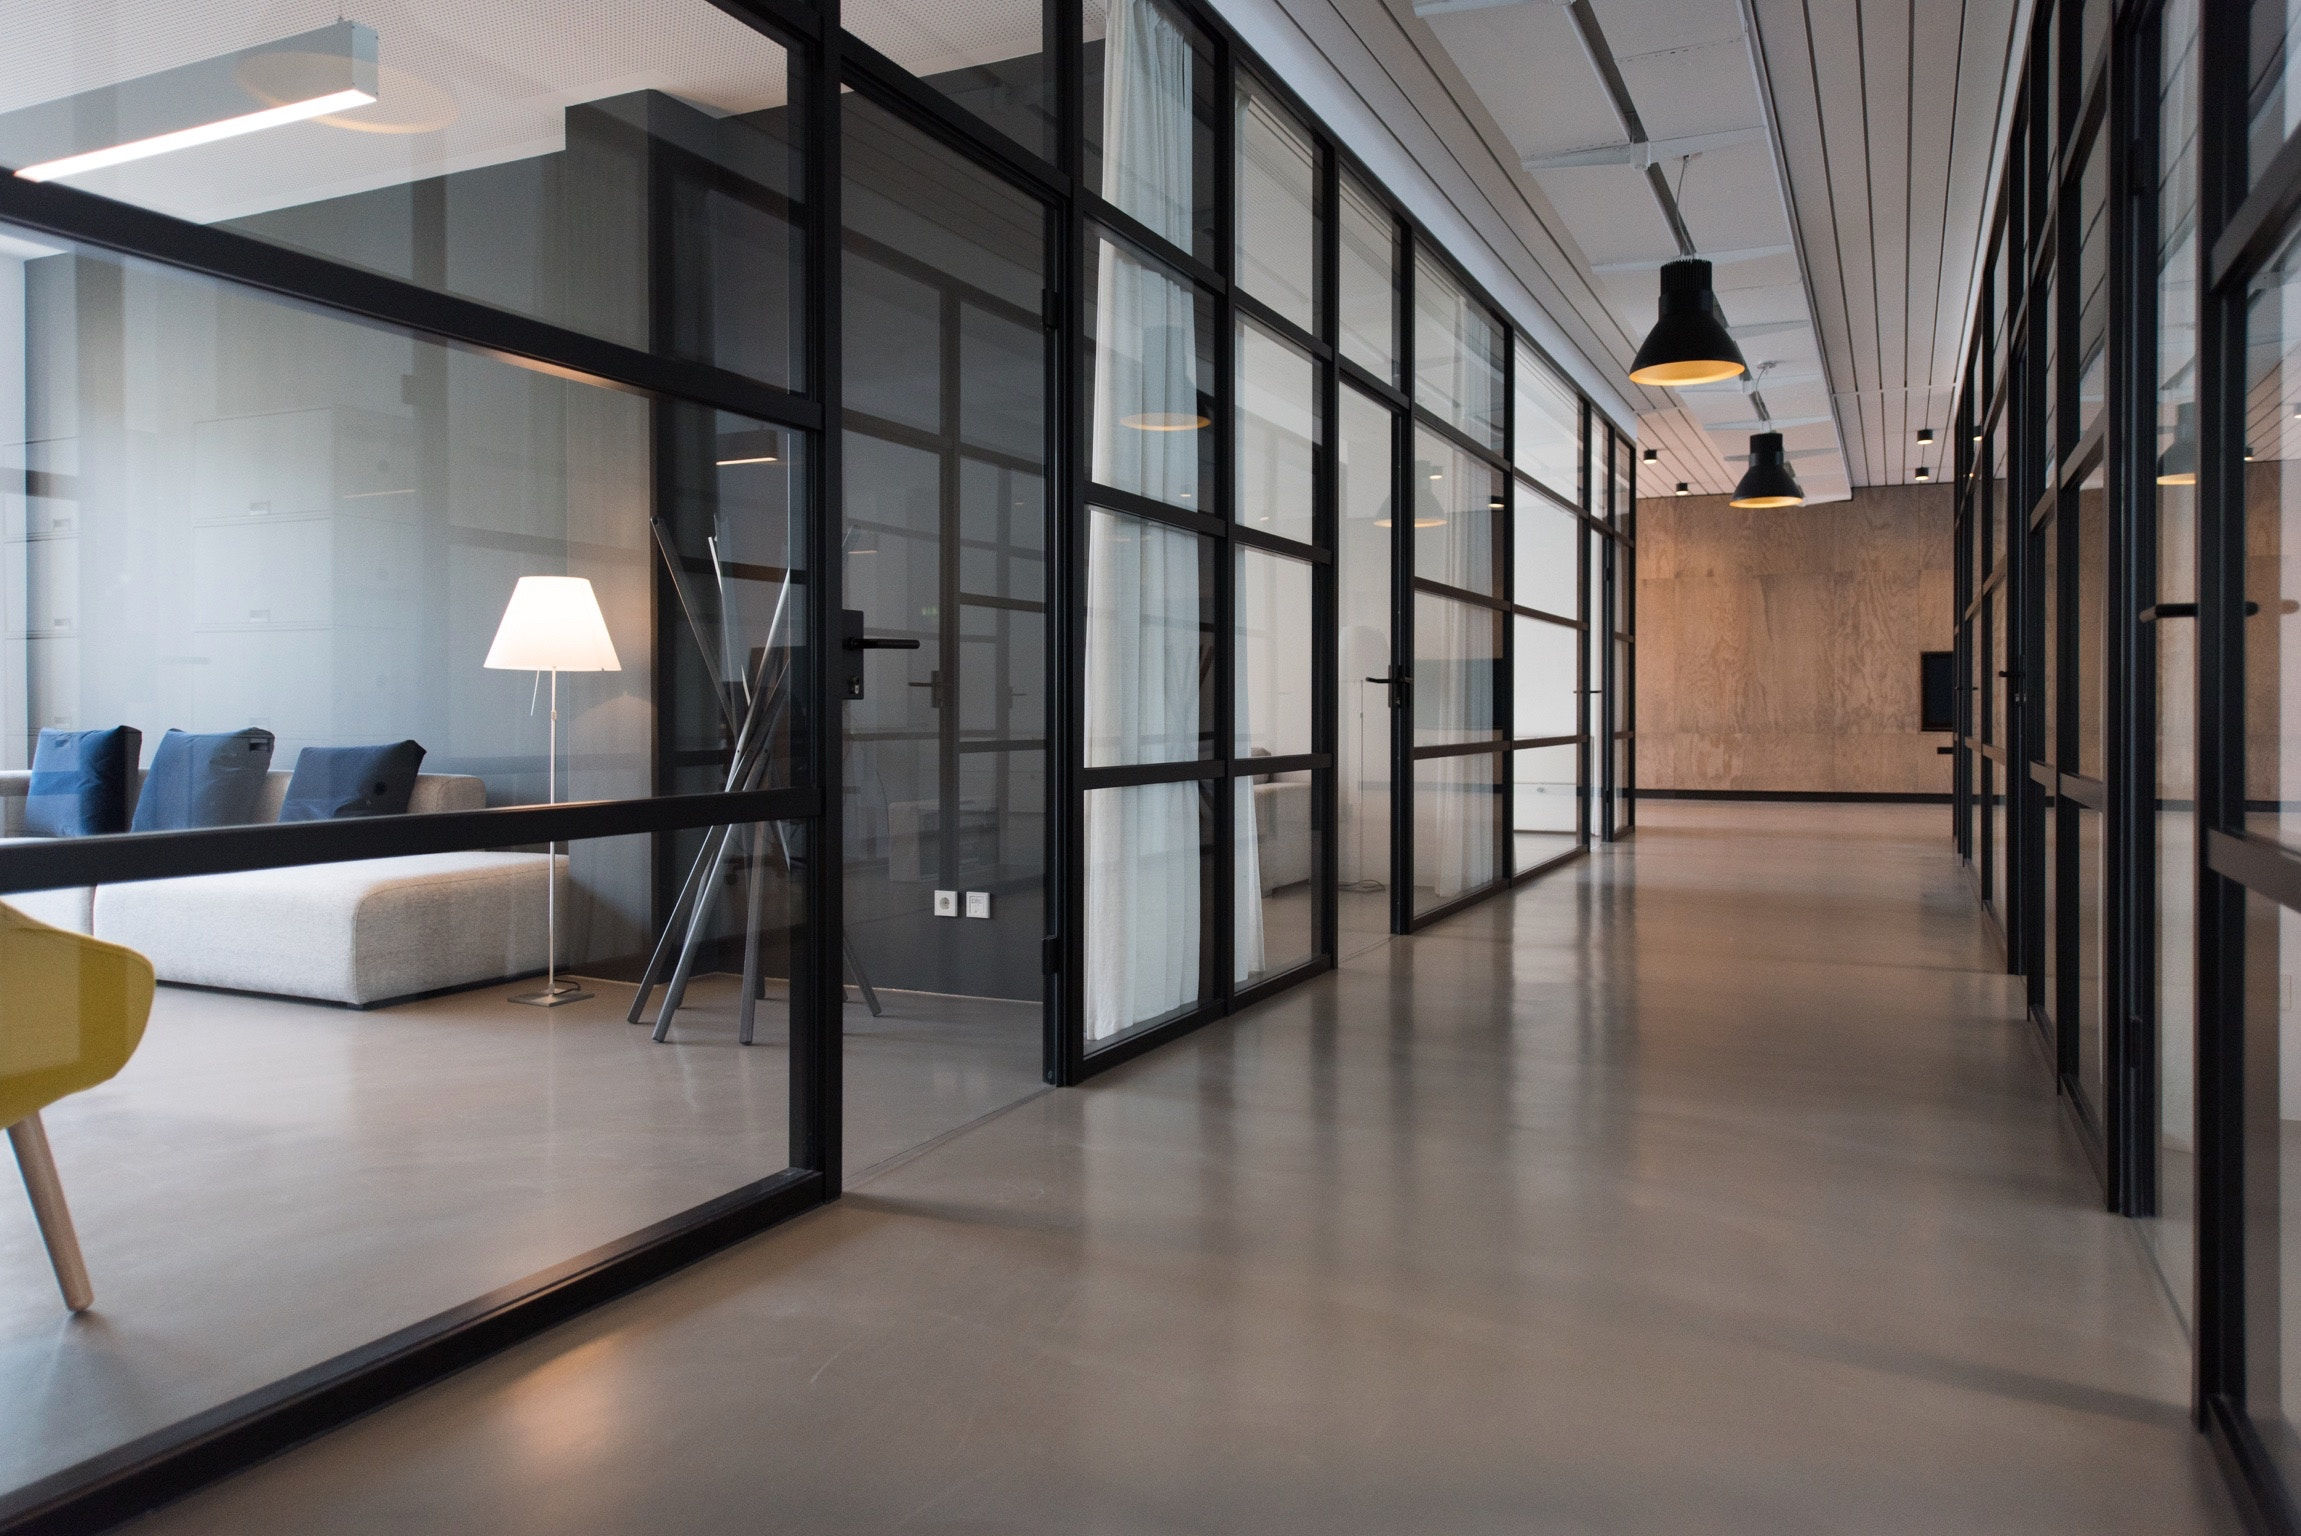 nettoyage de bureaux optez pour un service professionnel. Black Bedroom Furniture Sets. Home Design Ideas